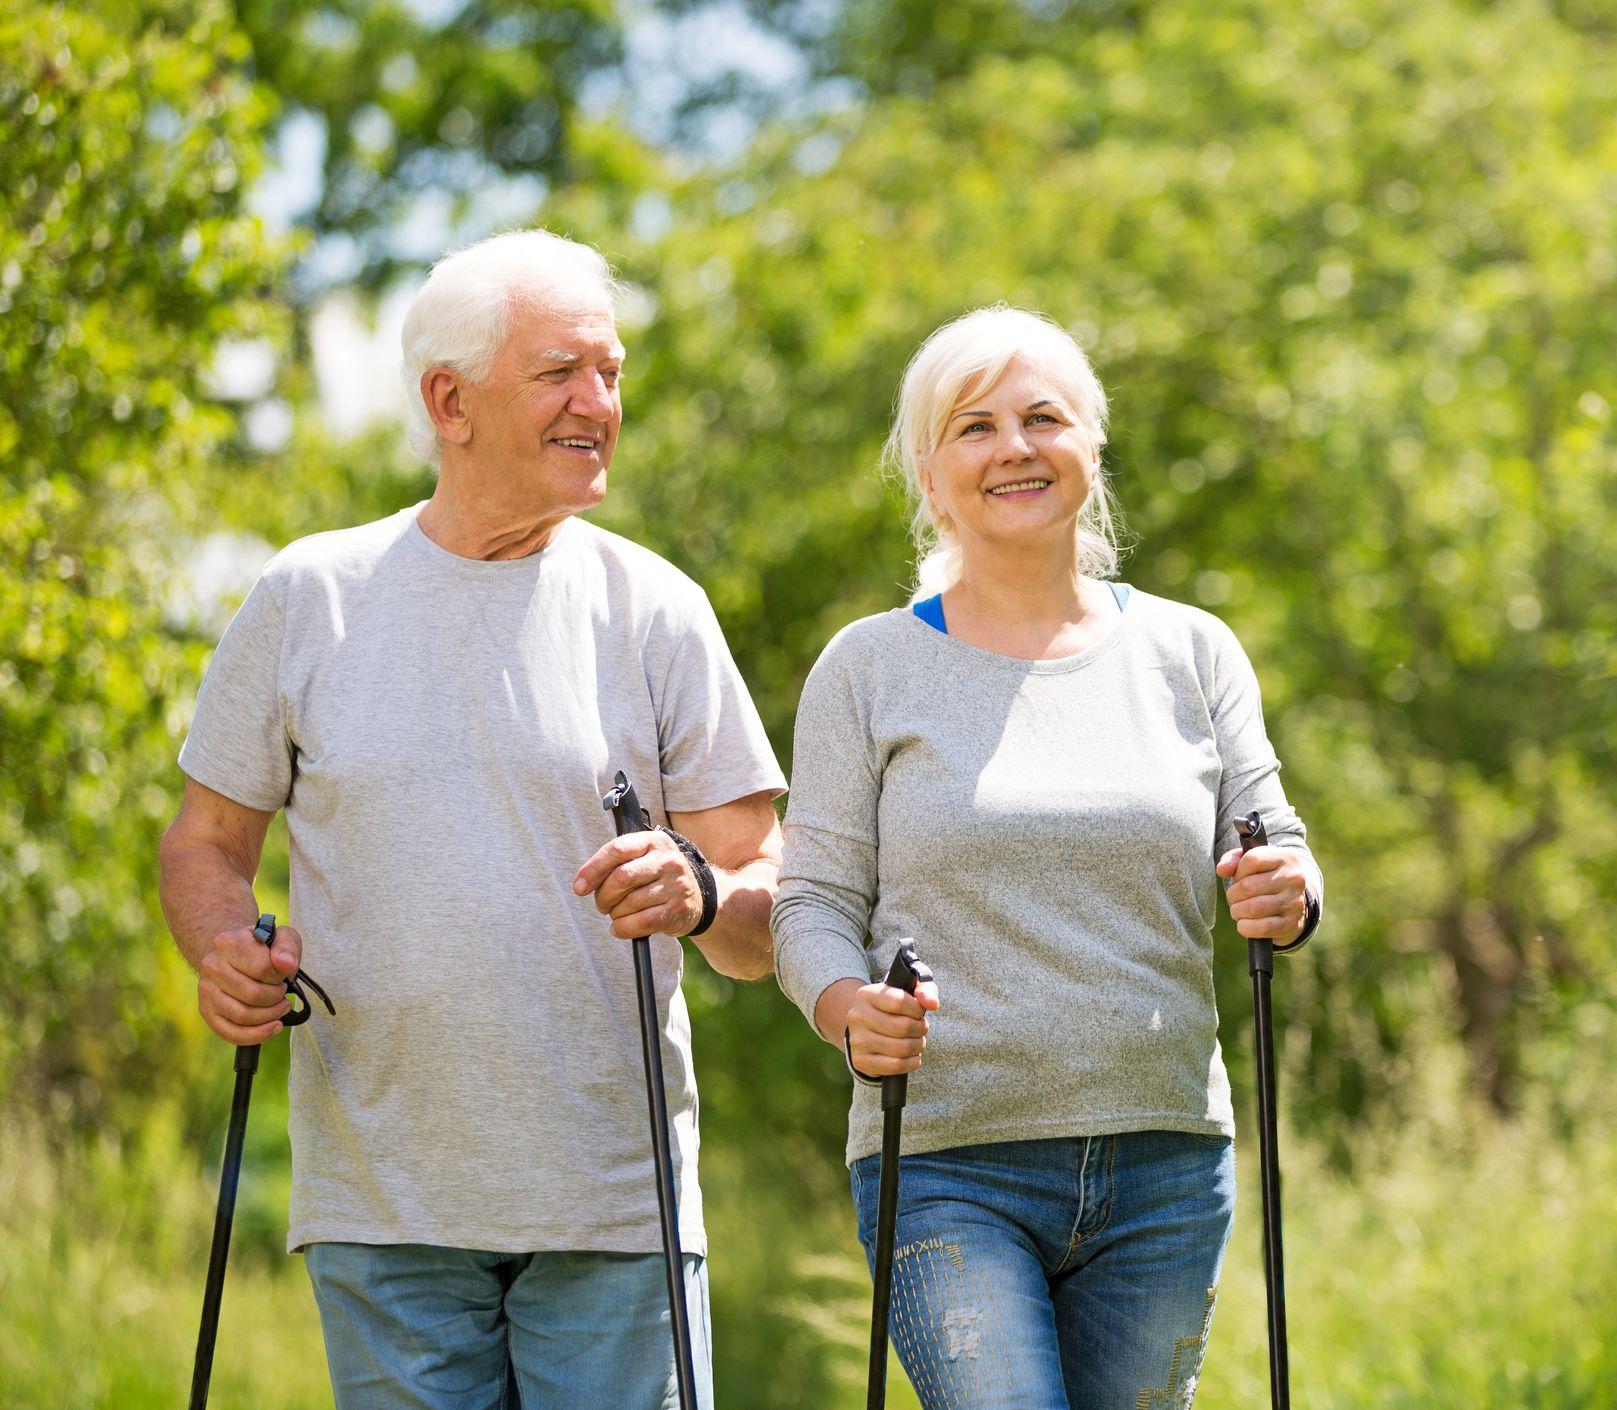 Pohyb u seniorov je mimoriadne dôležitý: Aký druh cvičenia je vhodné zvoliť?